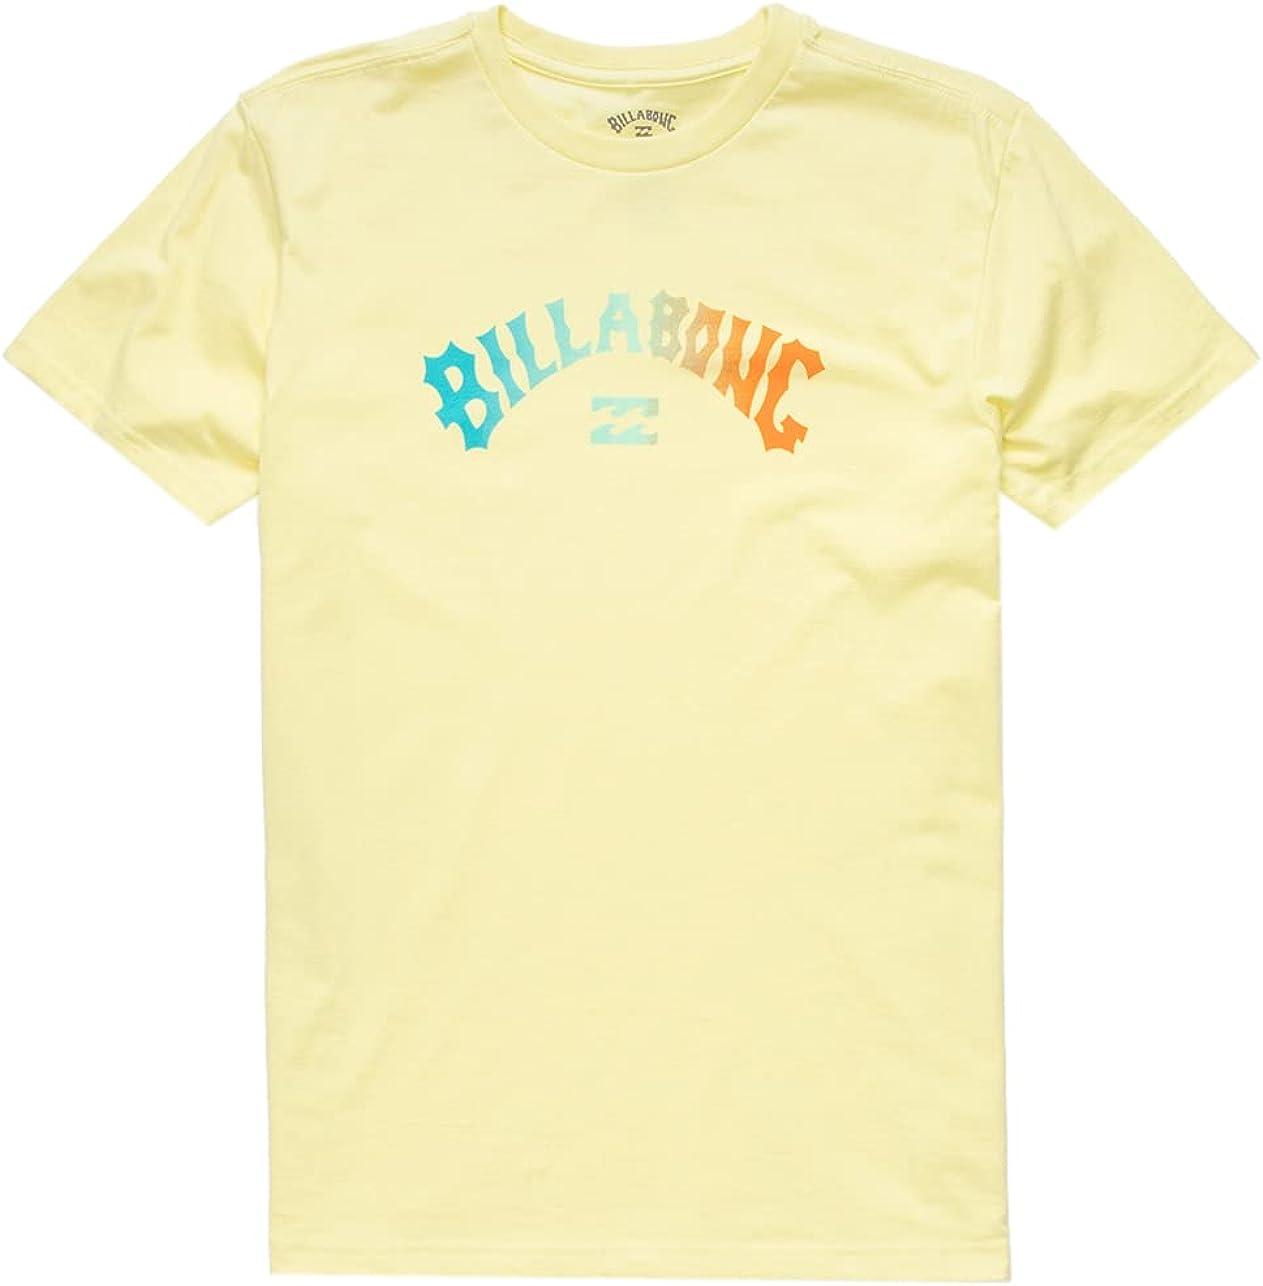 Billabong Arch Fade Boys T-Shirt